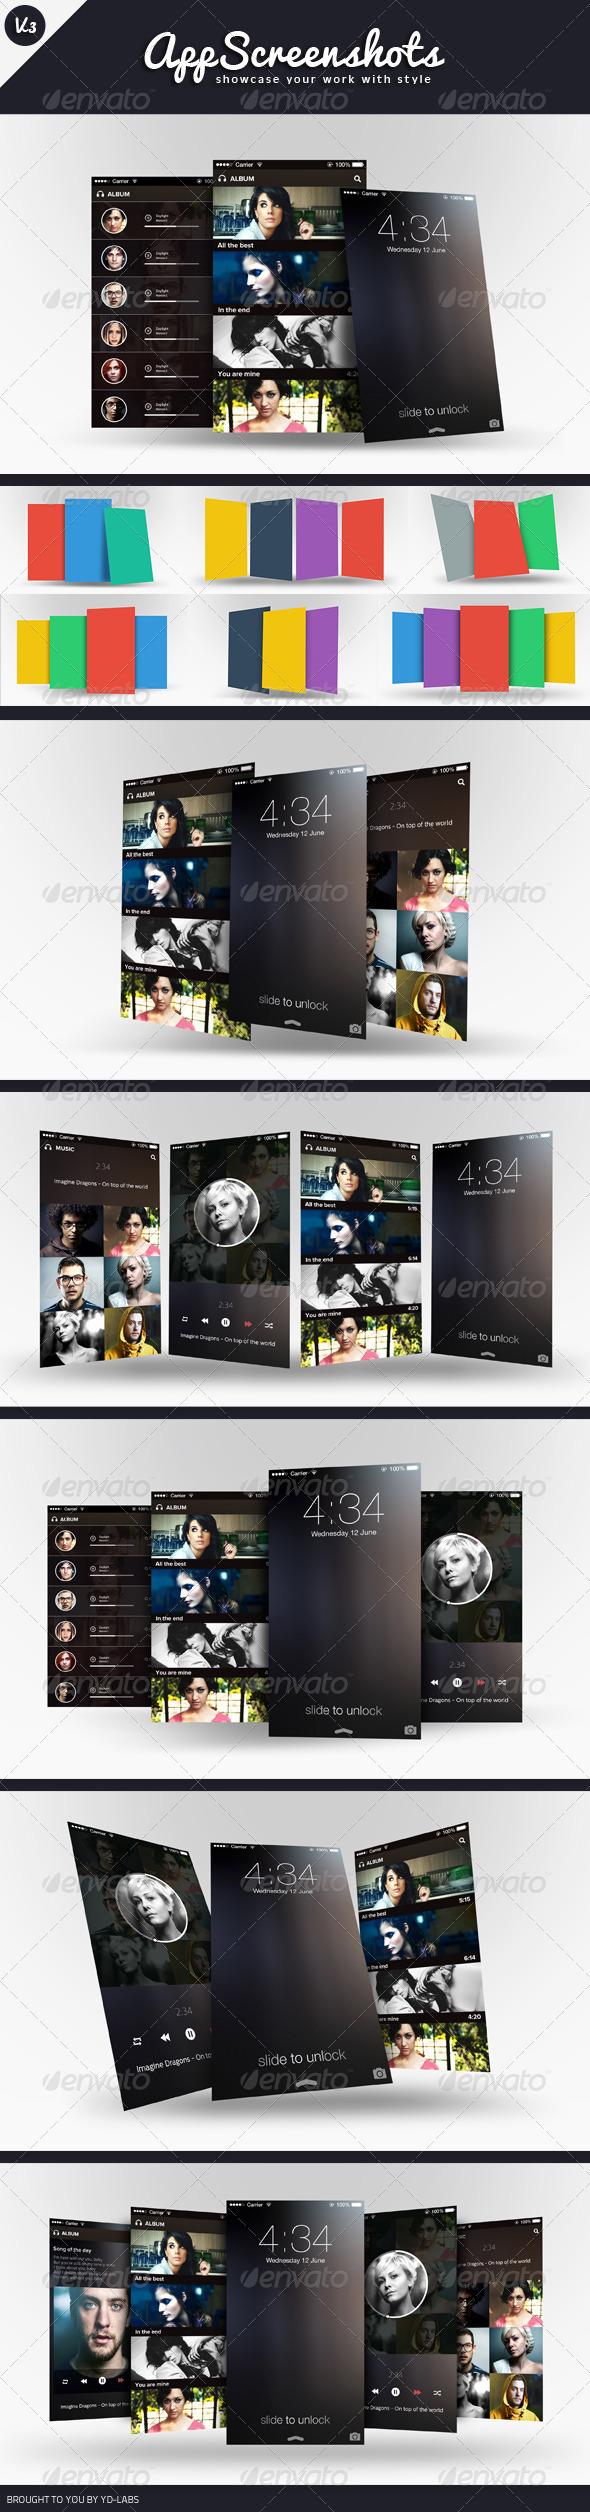 App Screenshot Mockups V3 - Mobile Displays